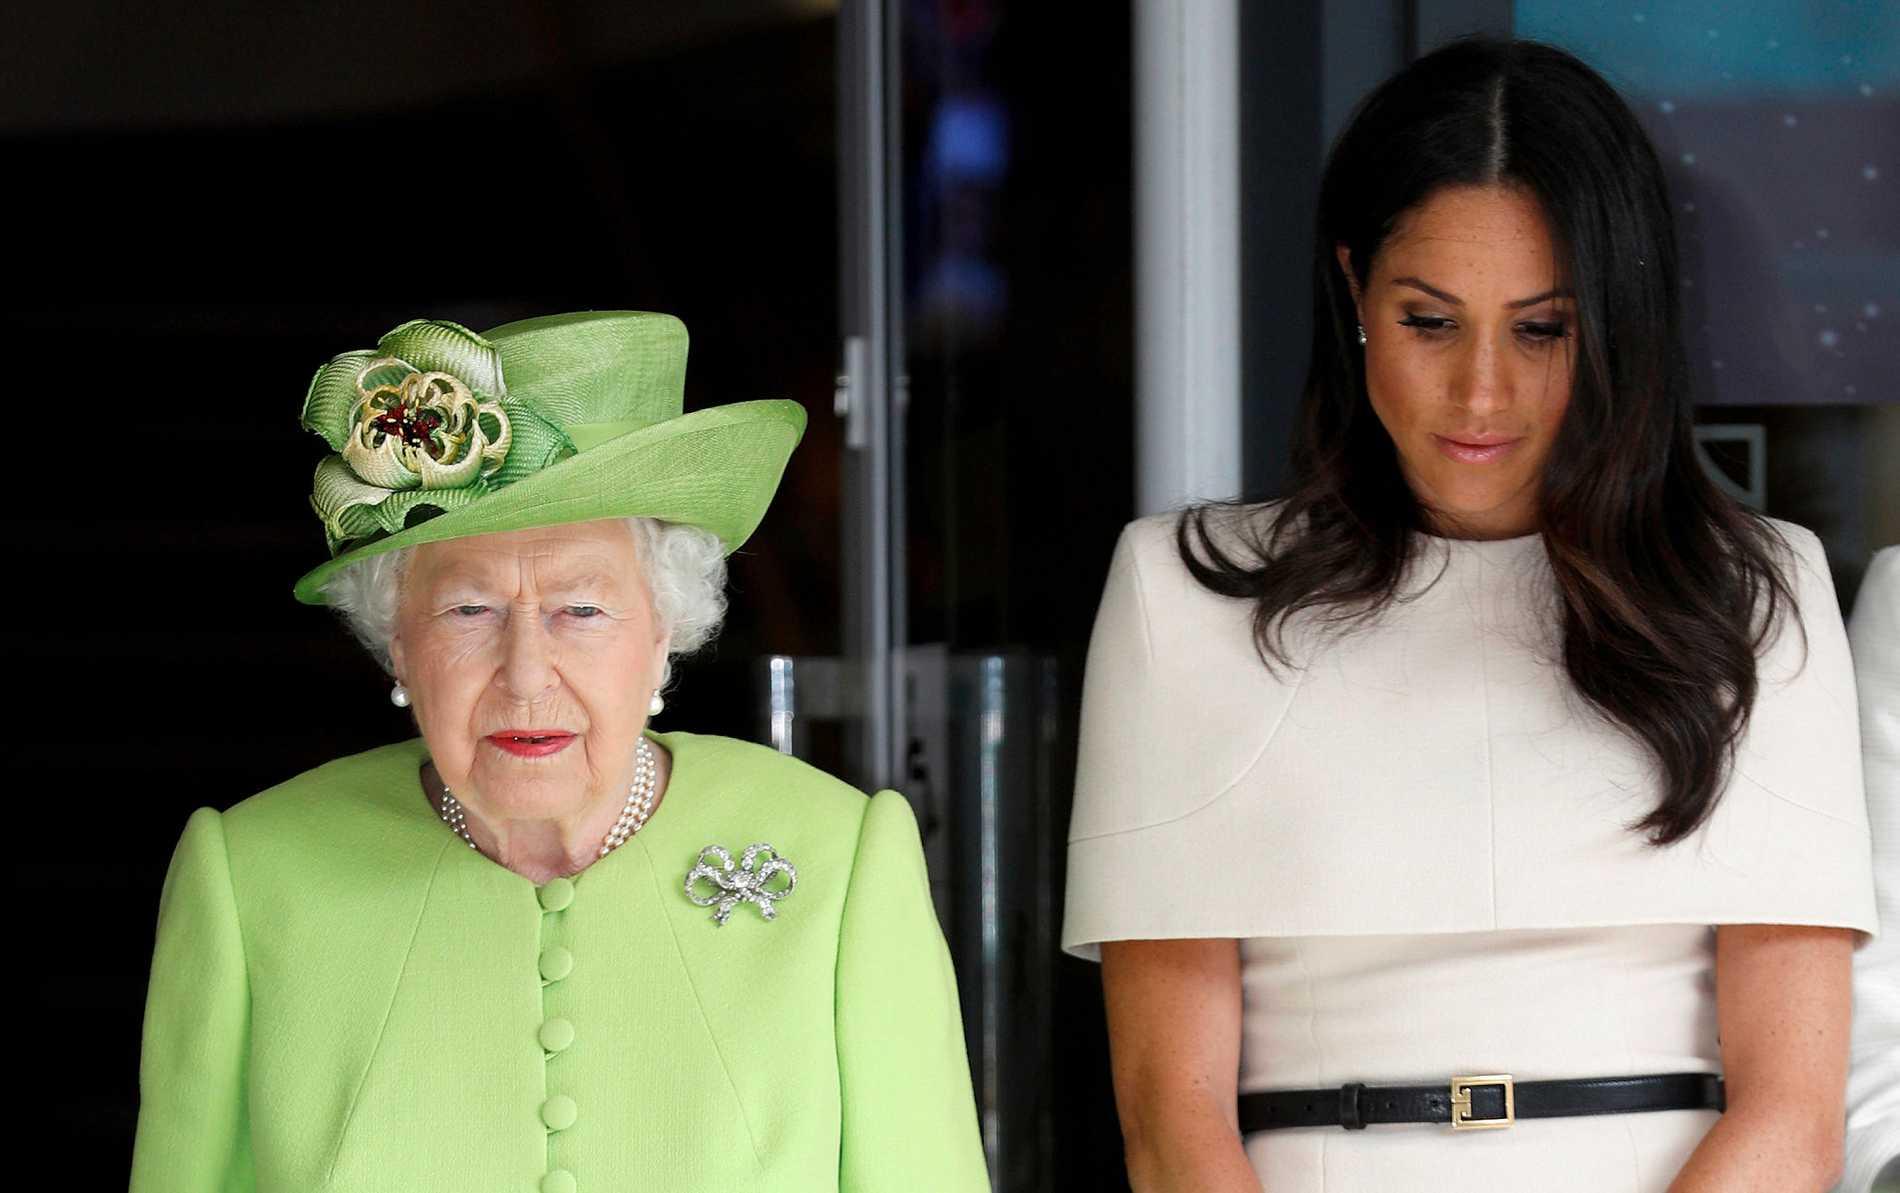 Drottning Elizabeth och Meghan Markle är inte överens om vilken kost den nya kungliga bebisen ska få.